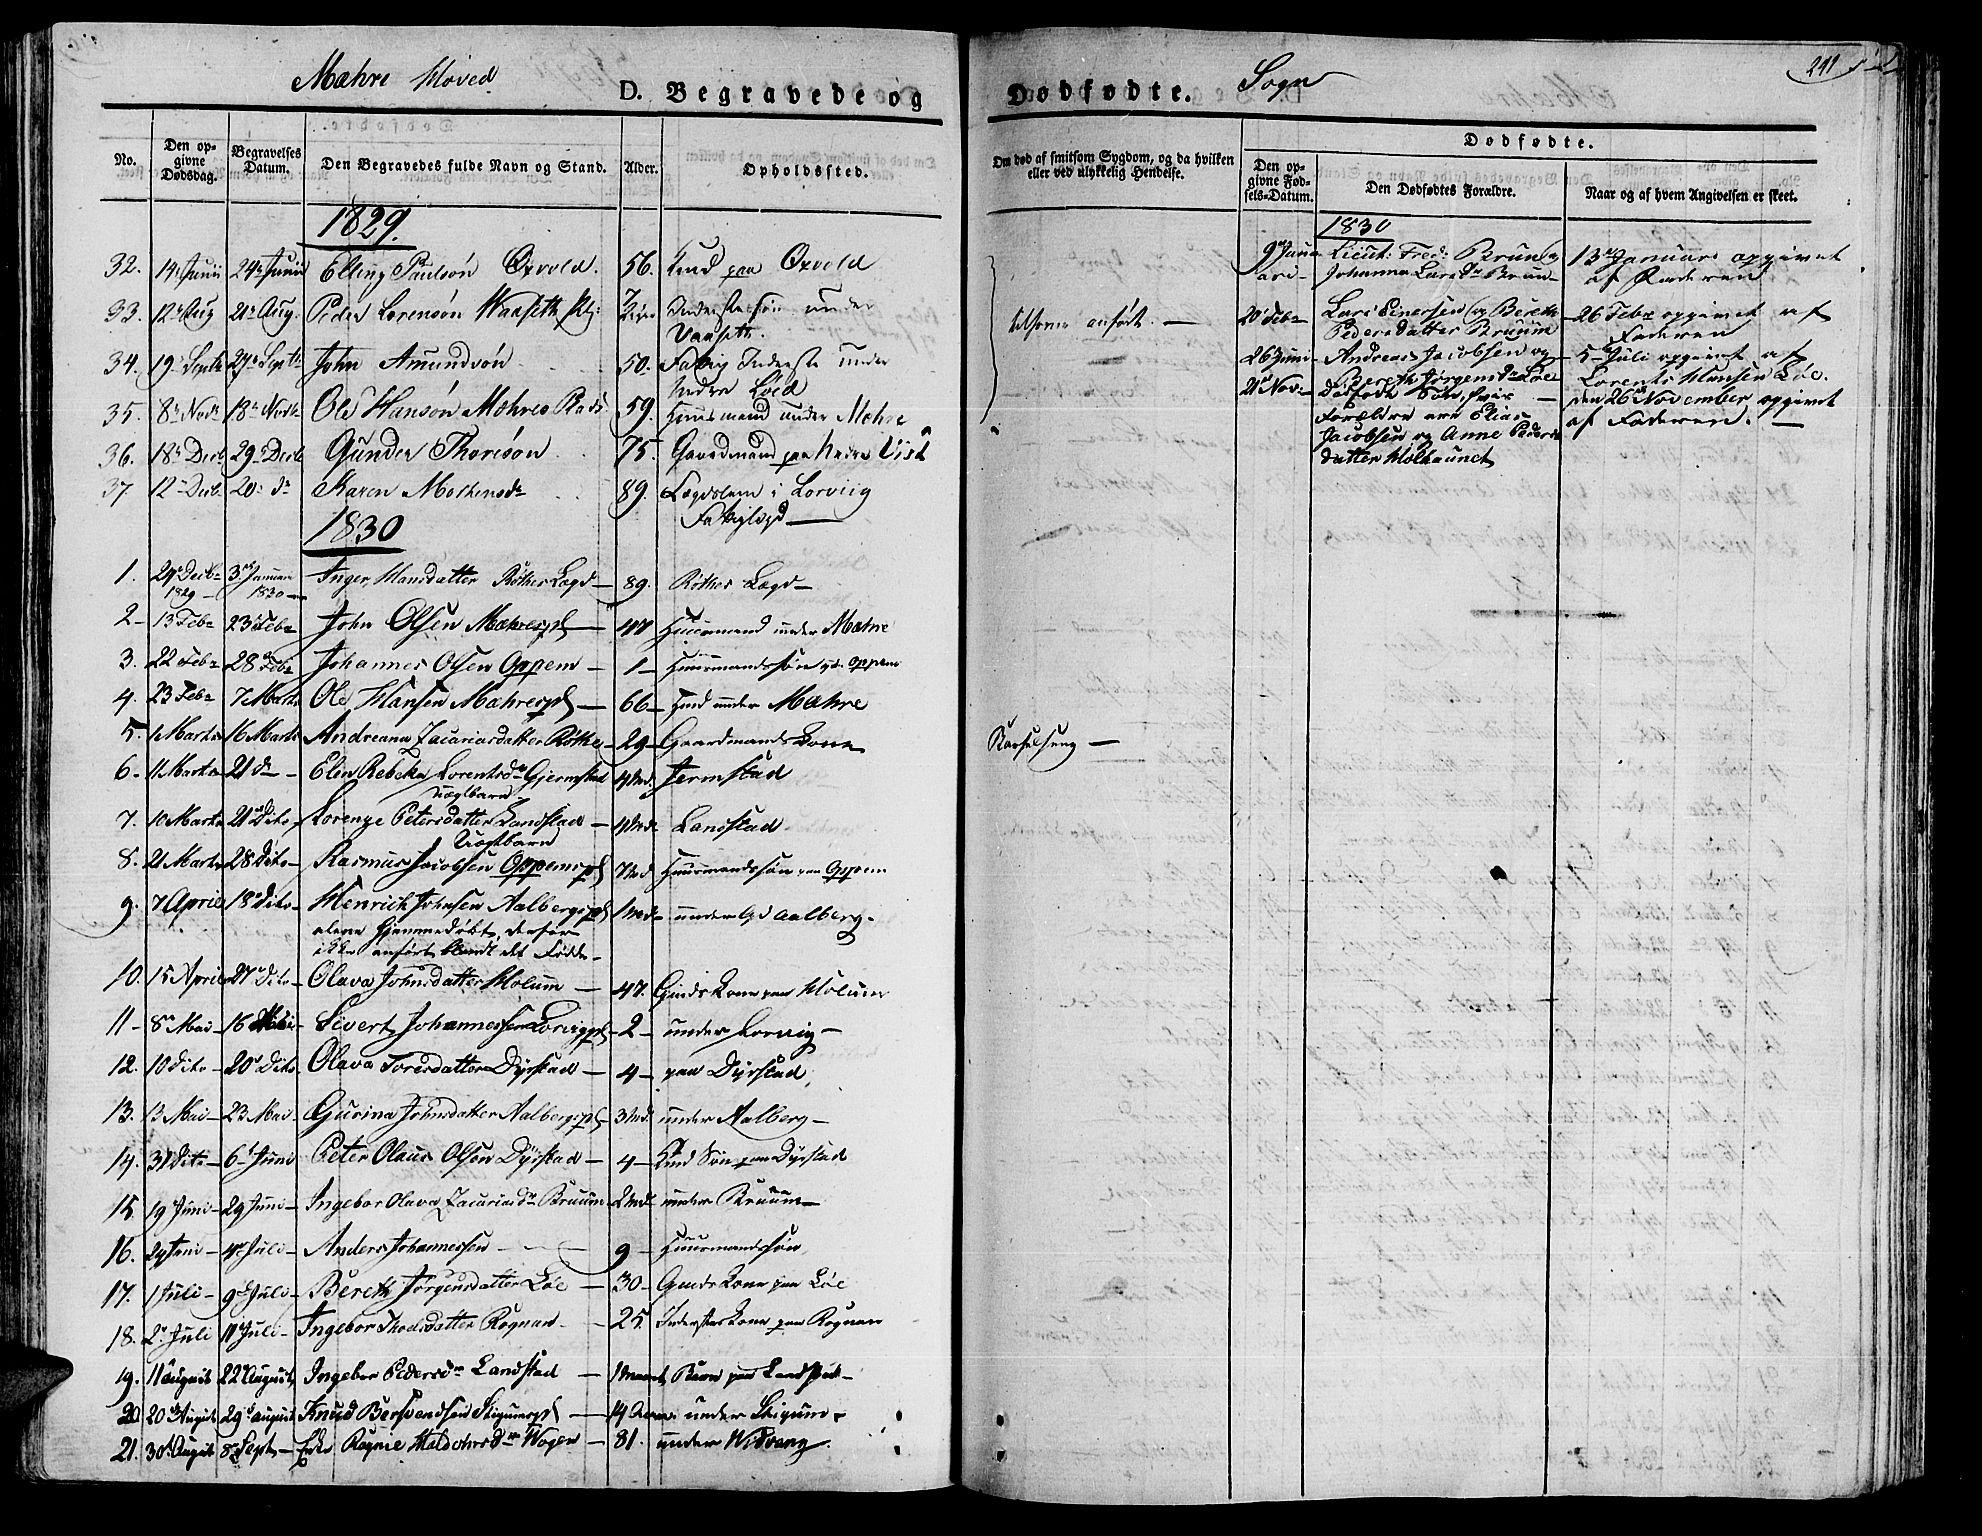 SAT, Ministerialprotokoller, klokkerbøker og fødselsregistre - Nord-Trøndelag, 735/L0336: Ministerialbok nr. 735A05 /1, 1825-1835, s. 241